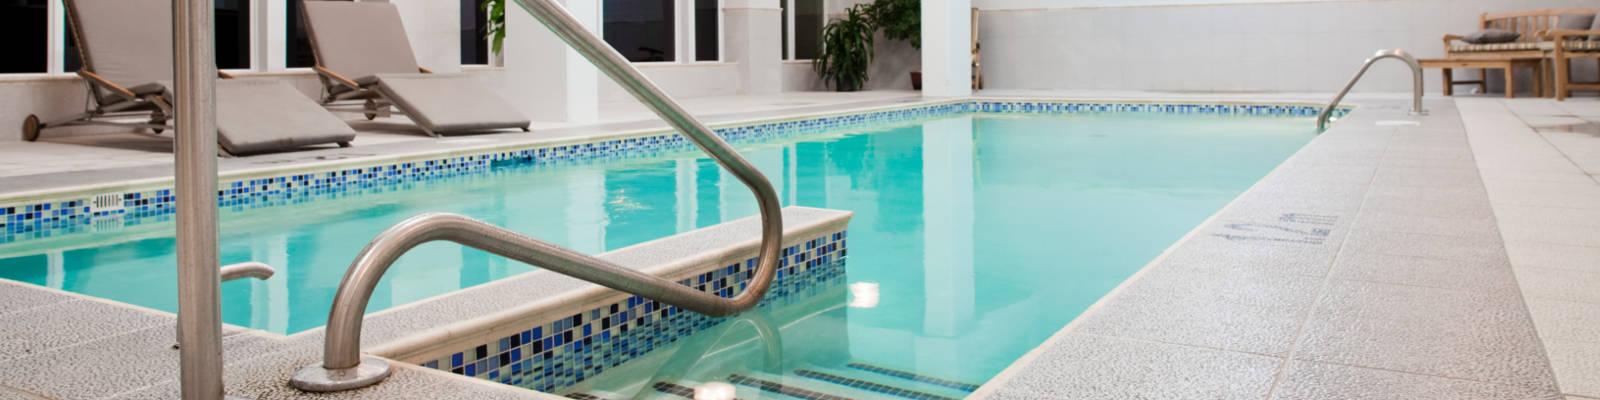 Pool - Morgner Haustechnik